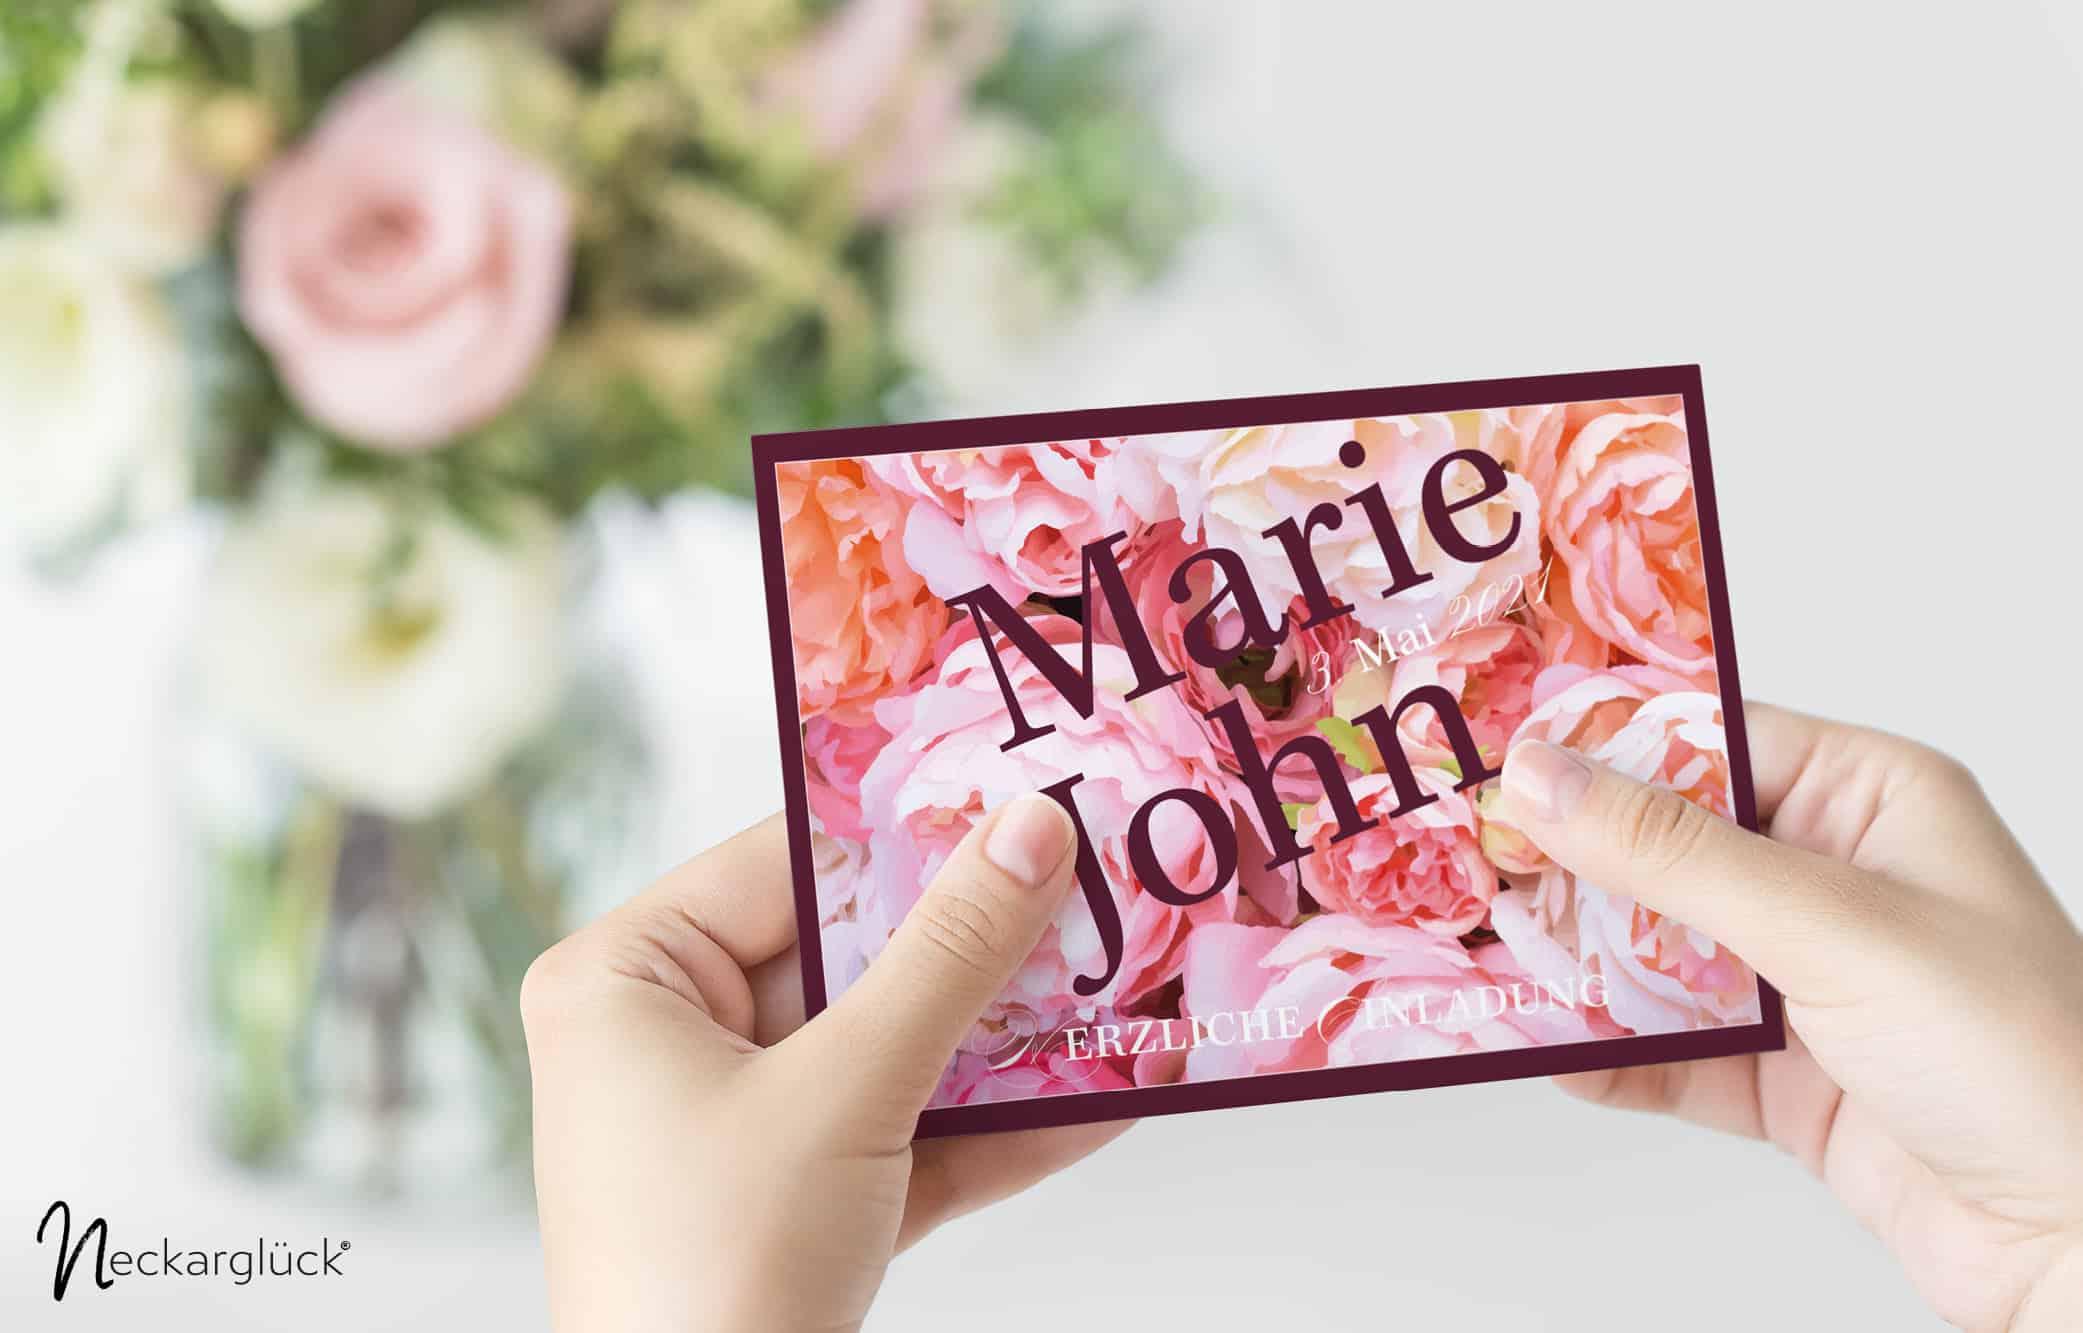 Floral Explosion Hochzeitsdesign Einladungskarte